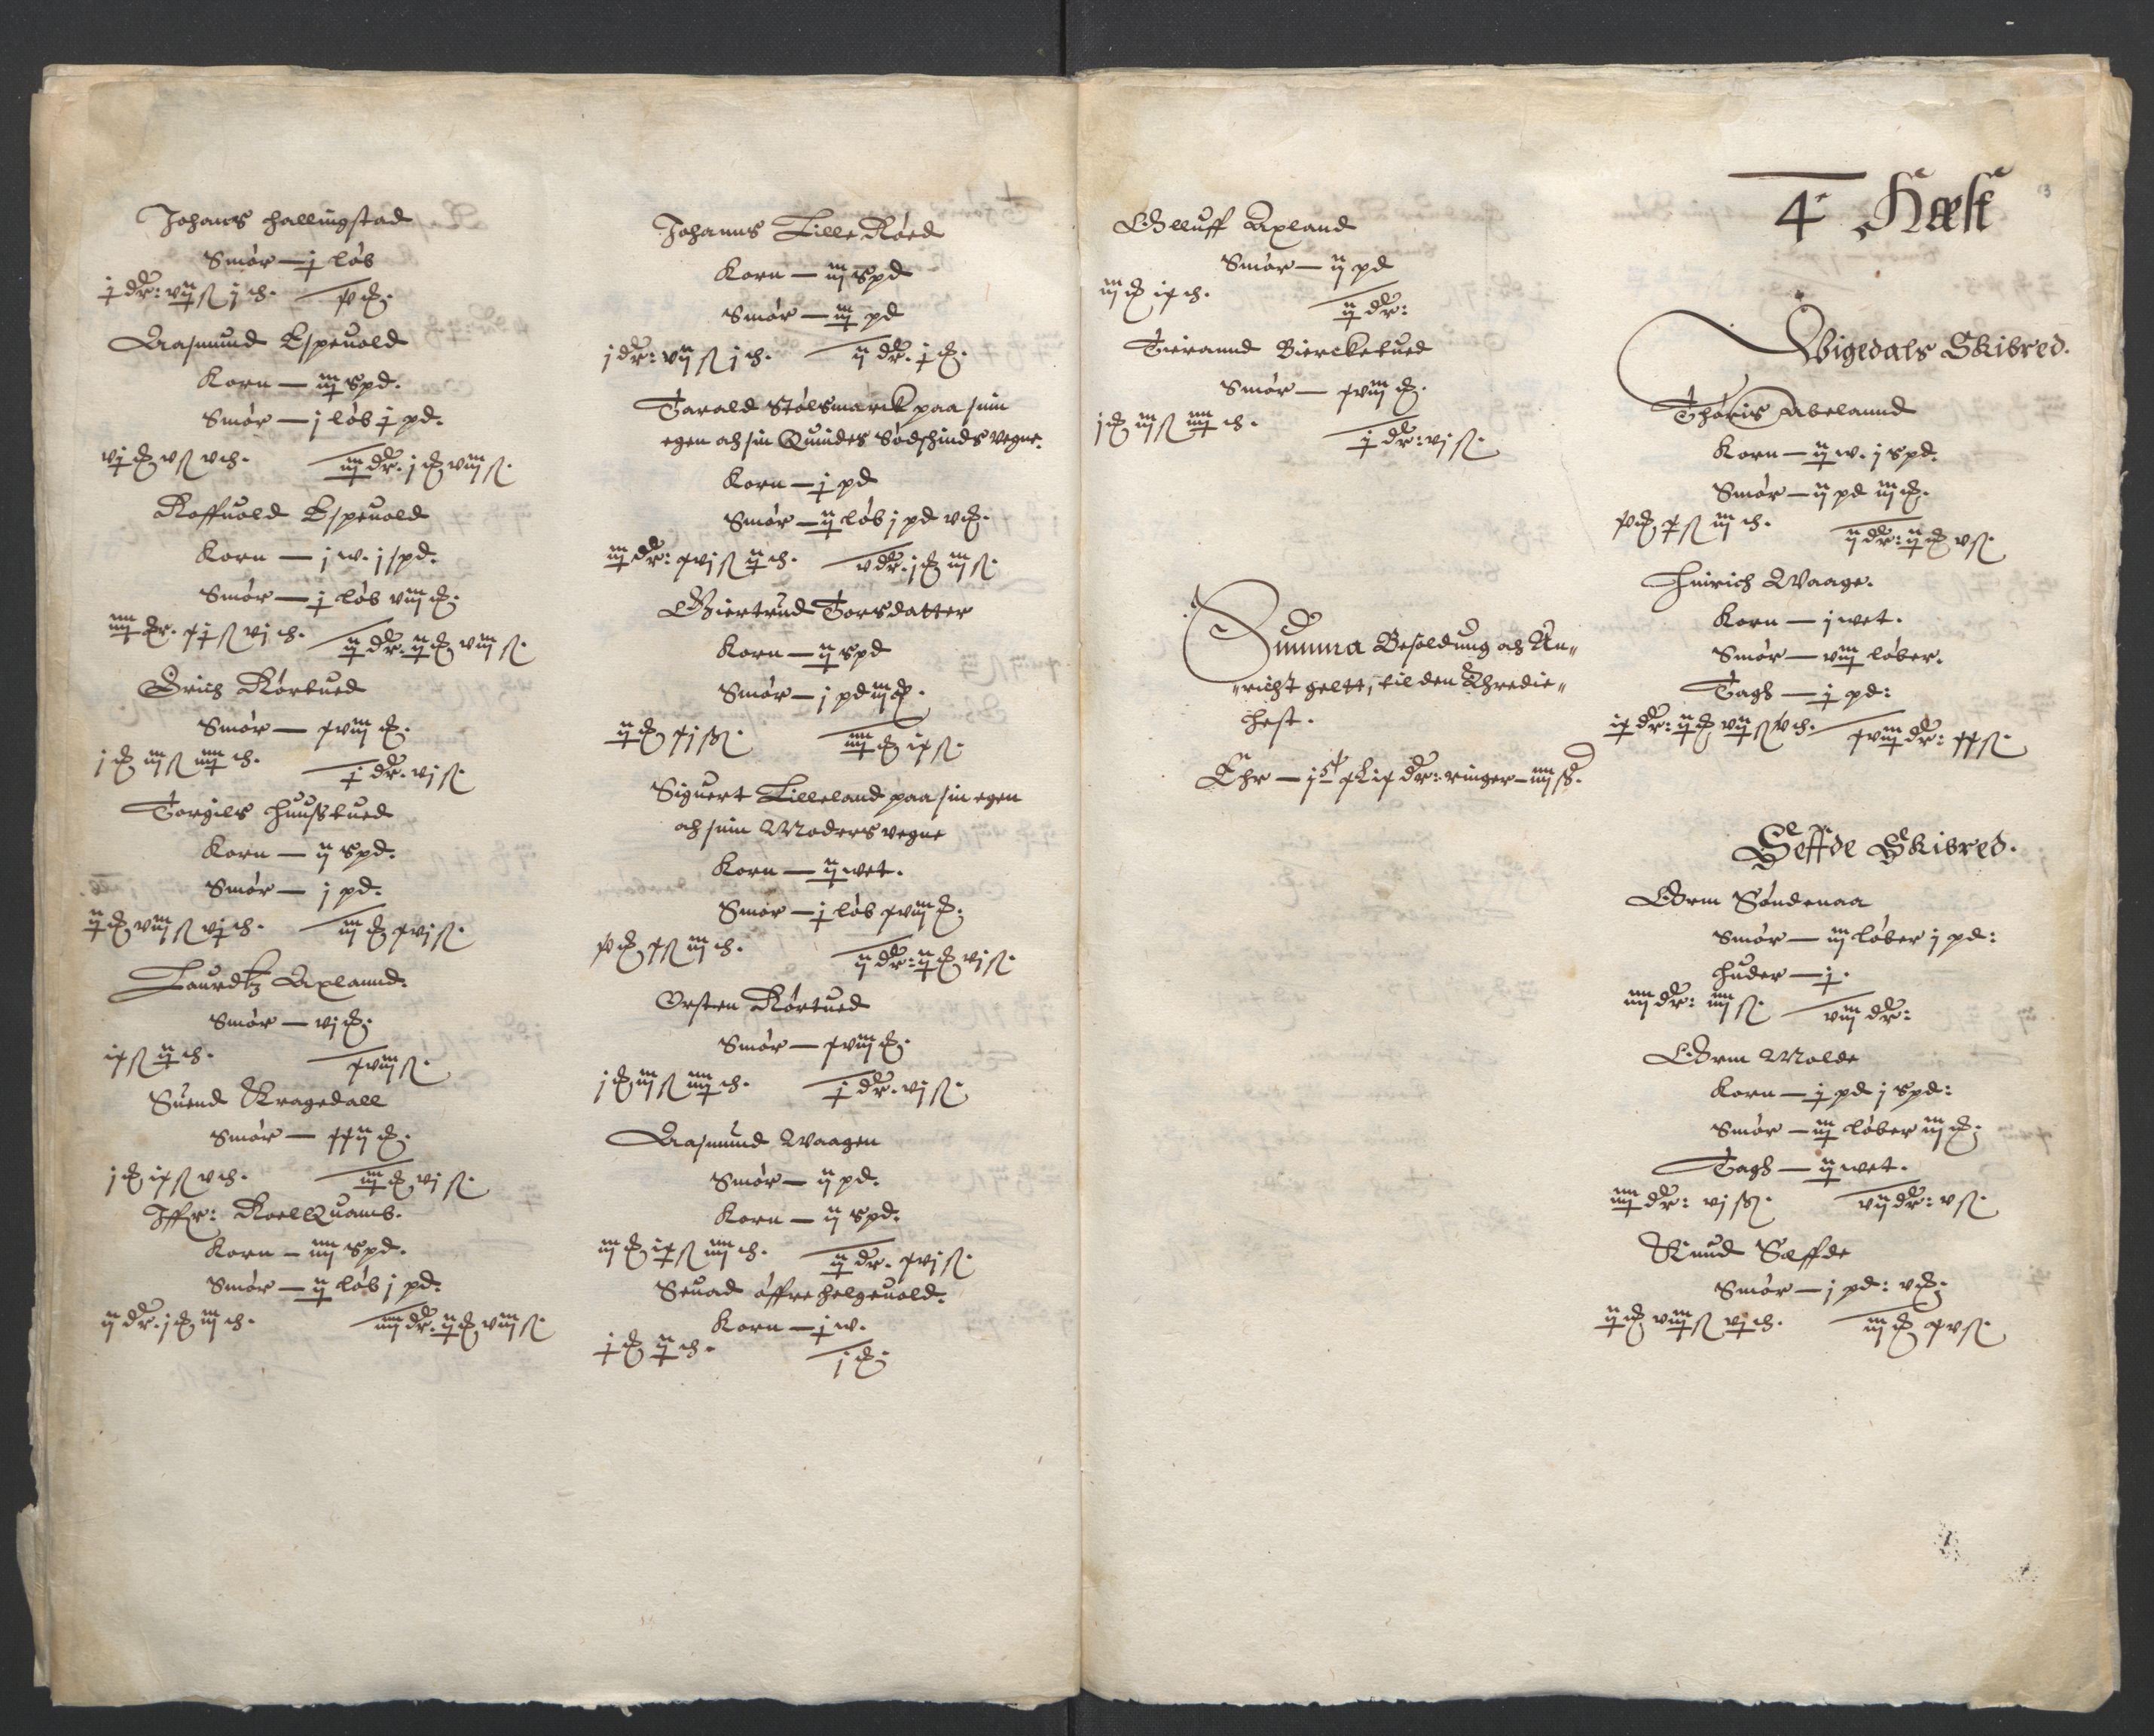 RA, Stattholderembetet 1572-1771, Ek/L0010: Jordebøker til utlikning av rosstjeneste 1624-1626:, 1624-1626, s. 78